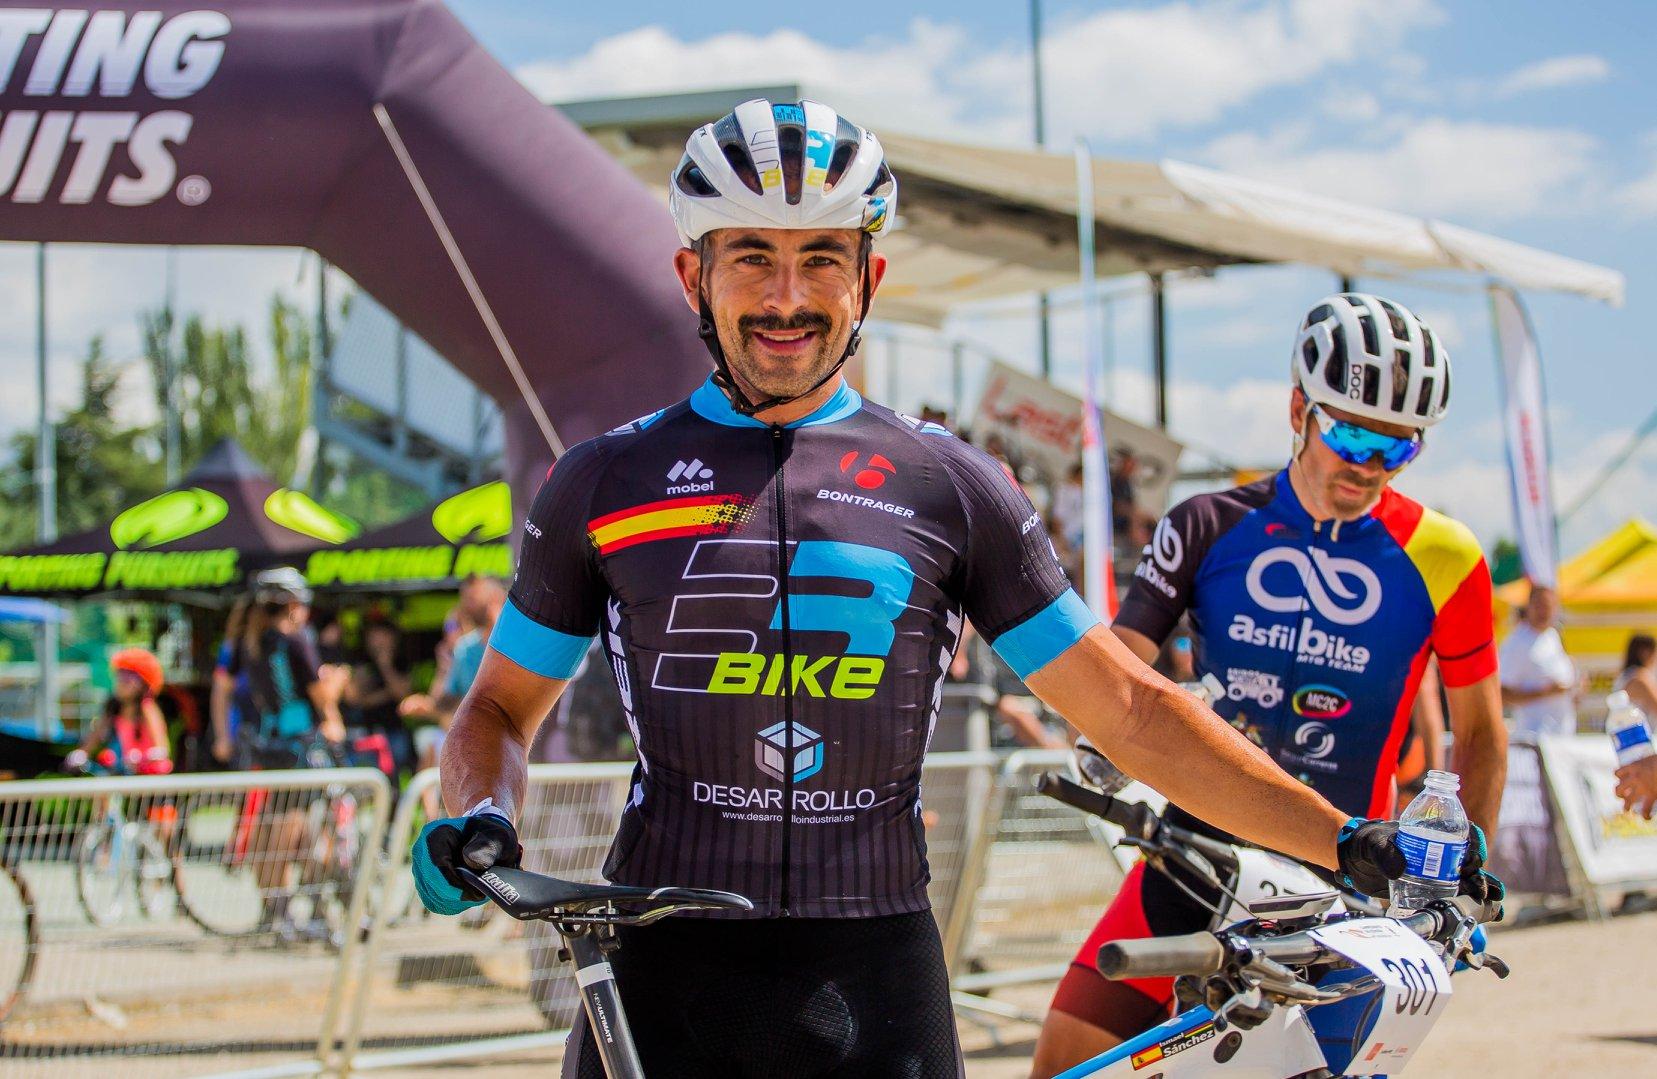 Campeonato de España de XCO-XCE 2018